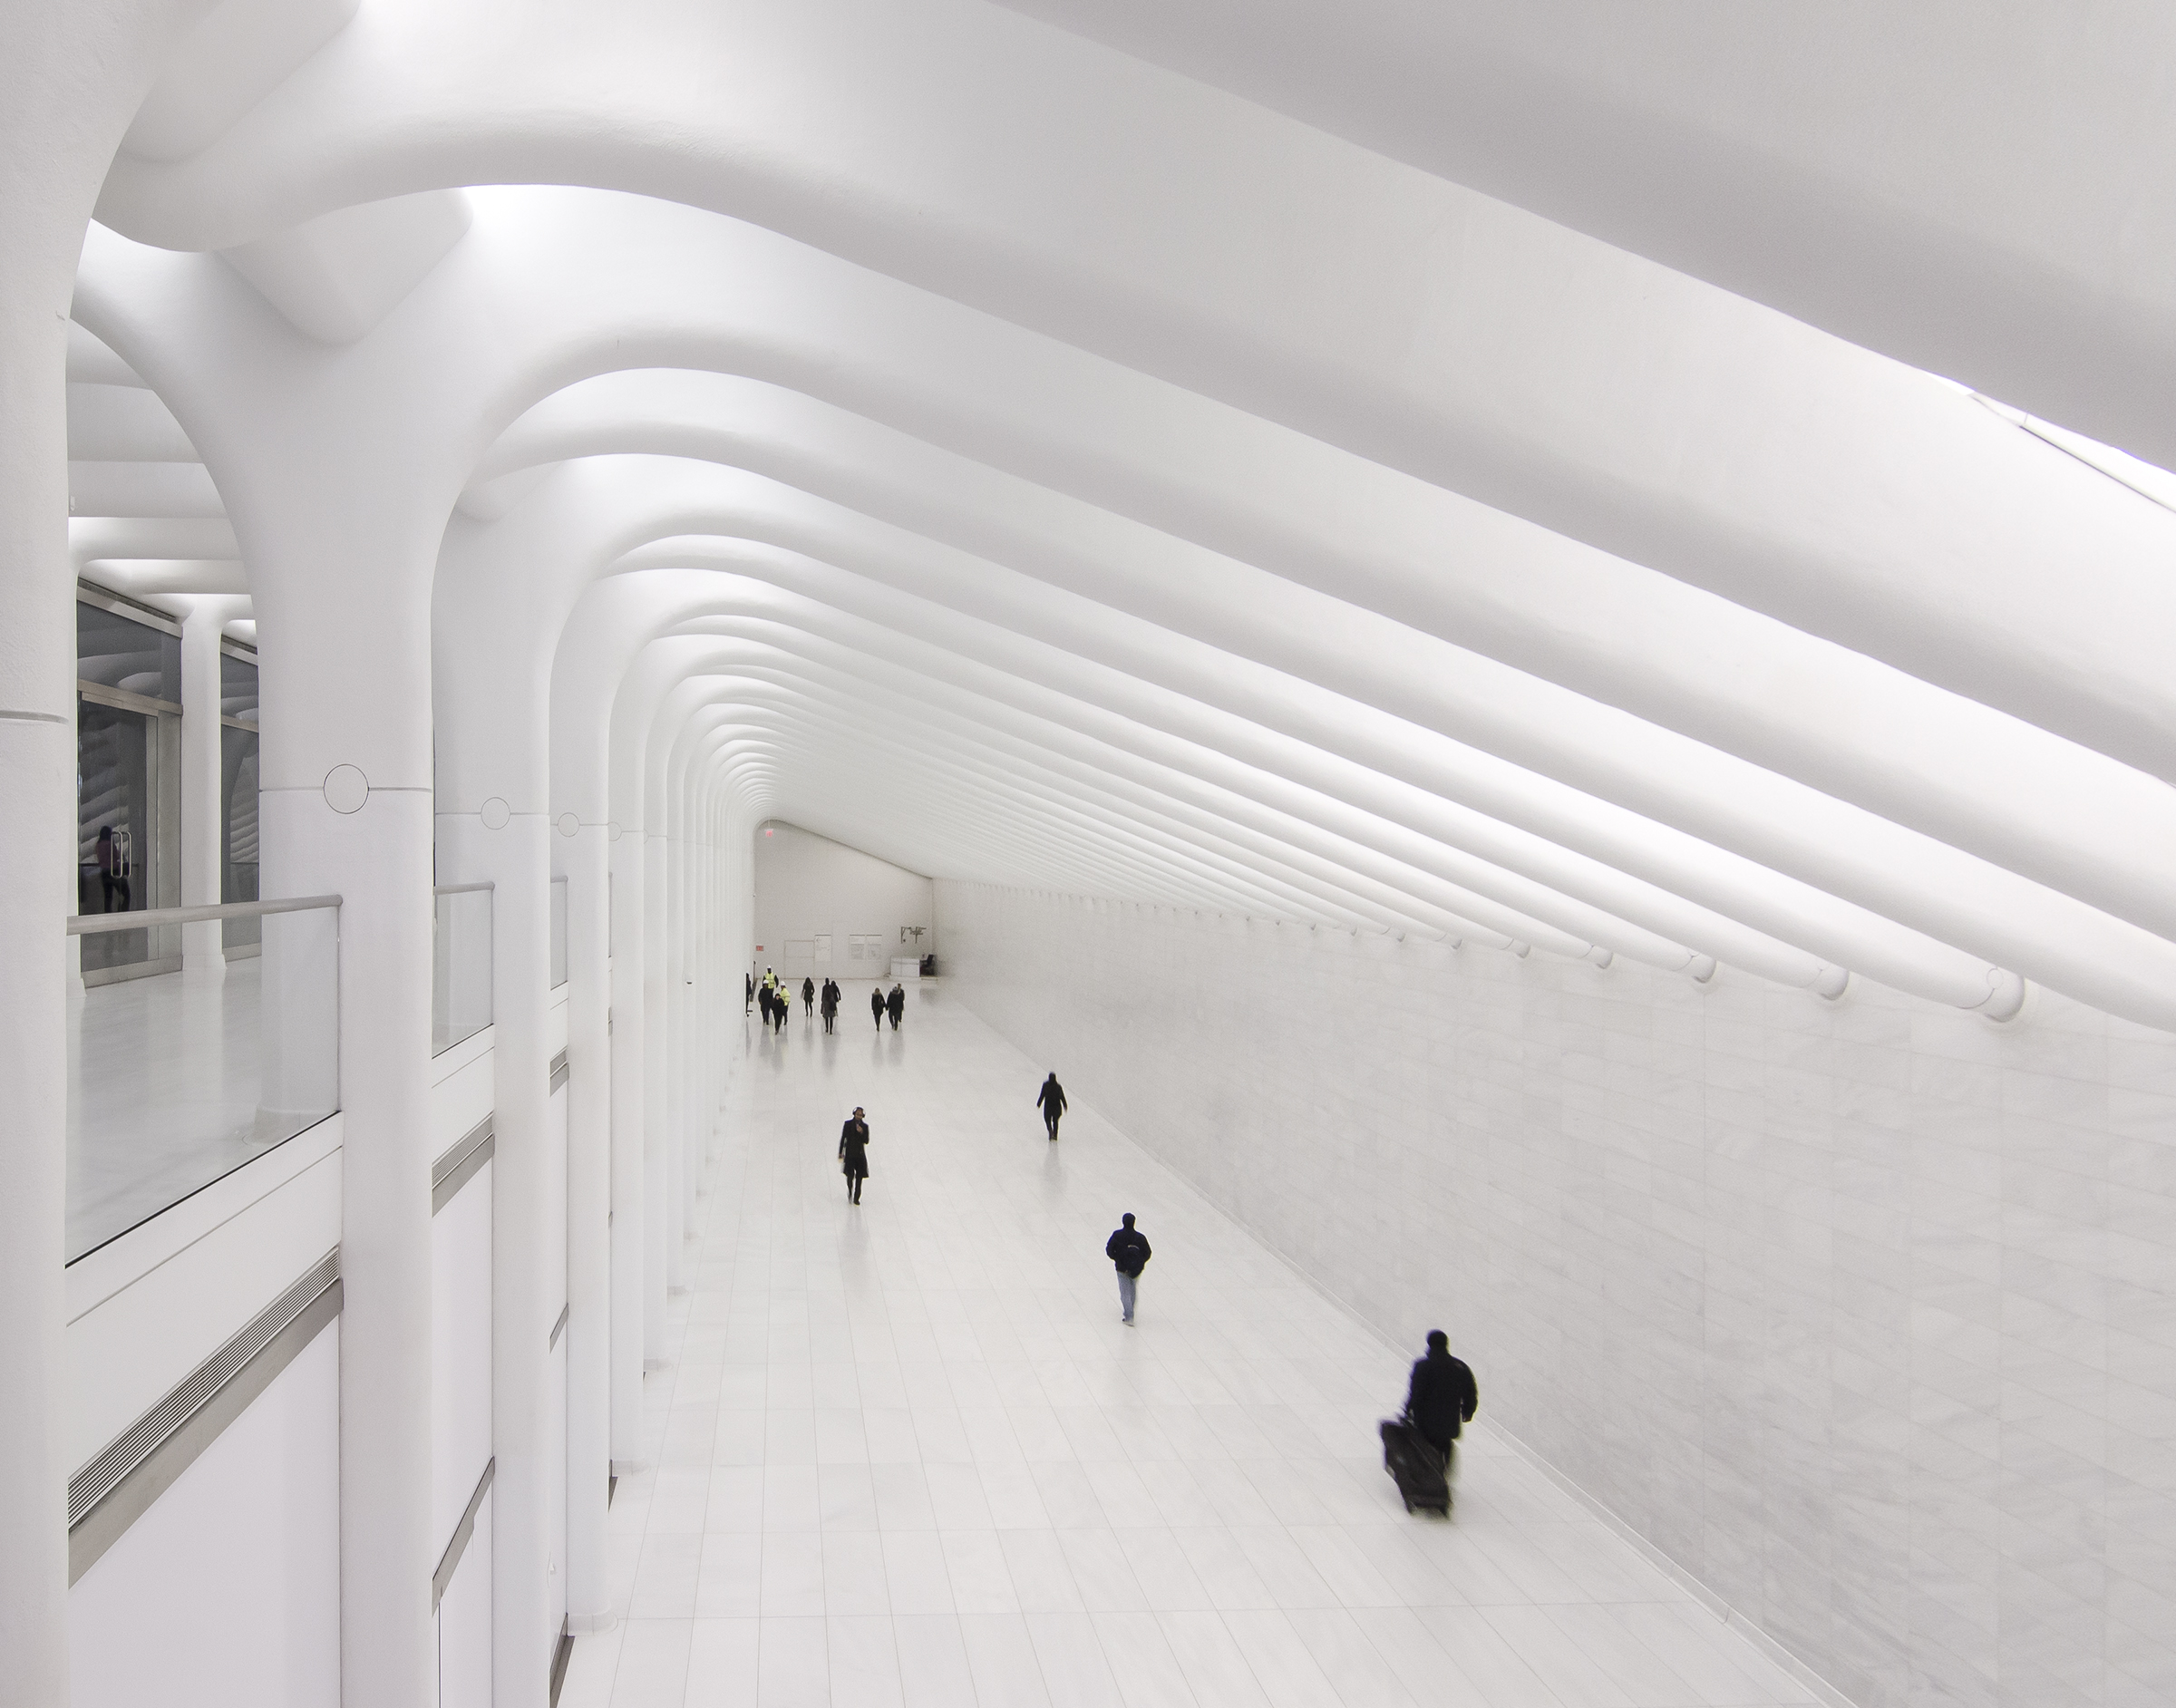 Calatrava's Hub